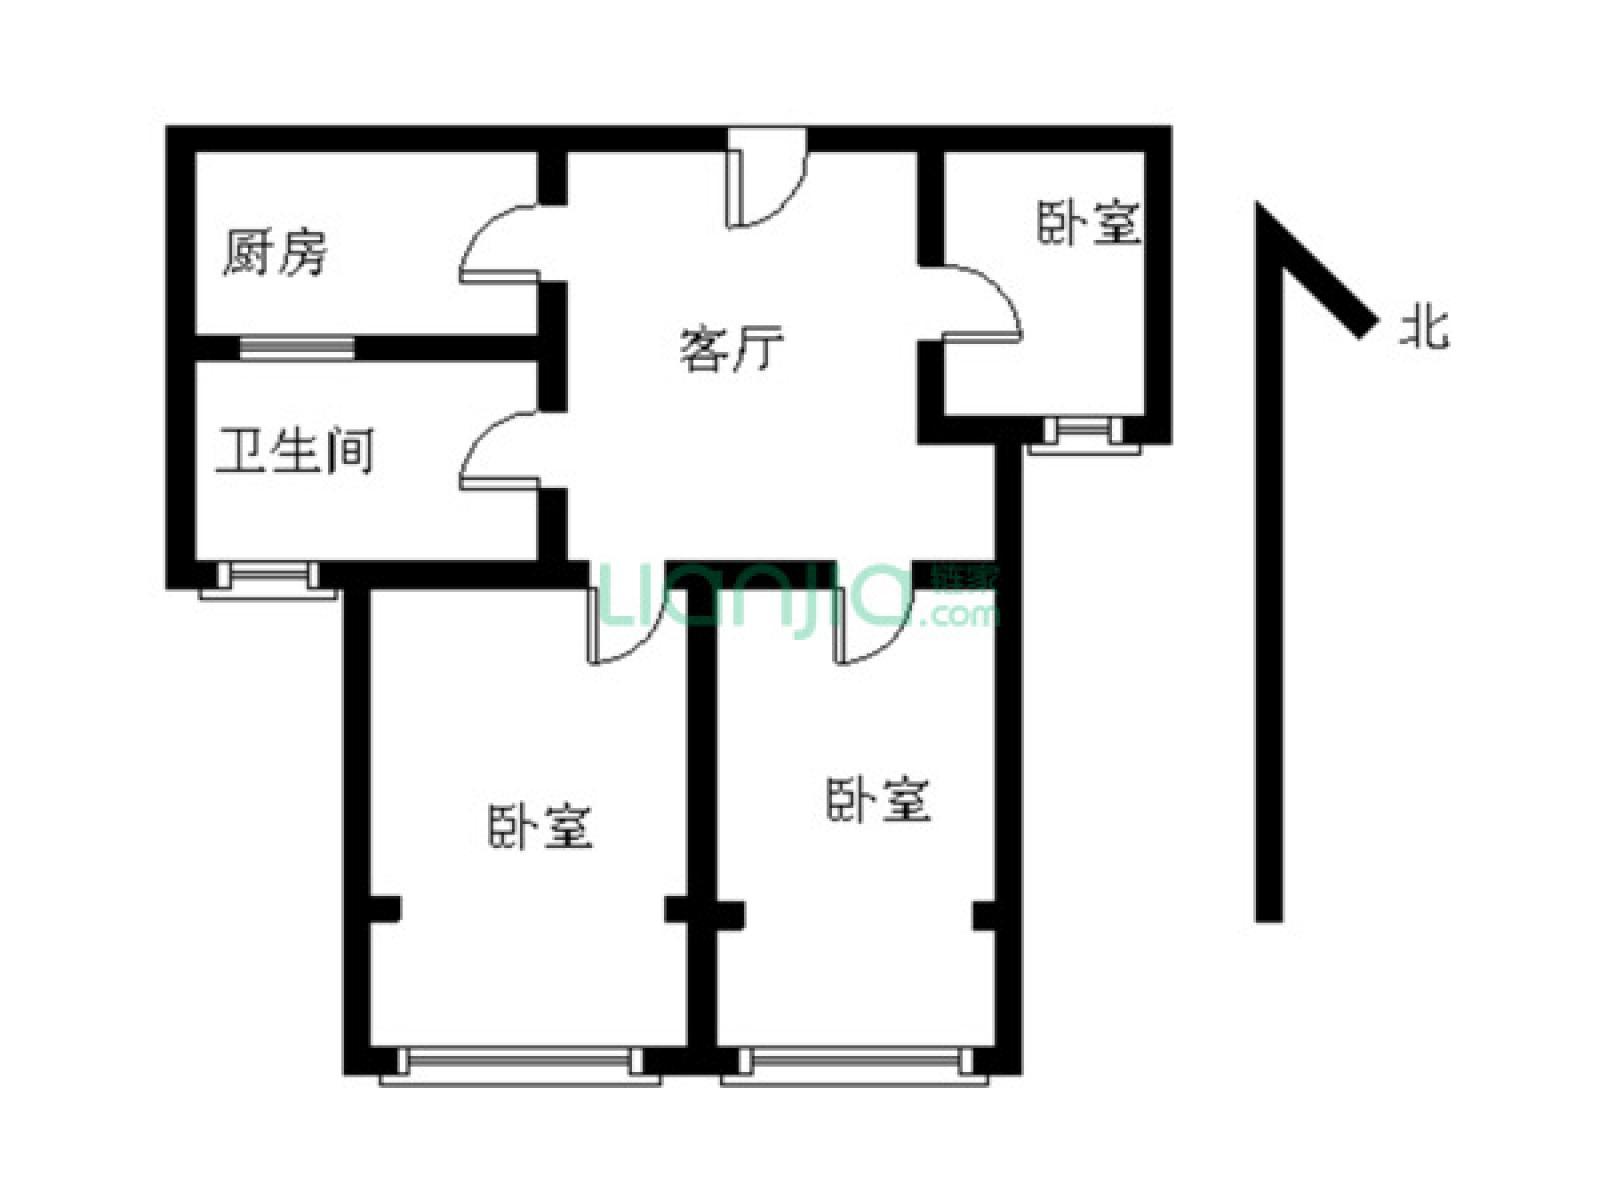 栖霞区迈皋桥中电颐和家园3室1厅户型图